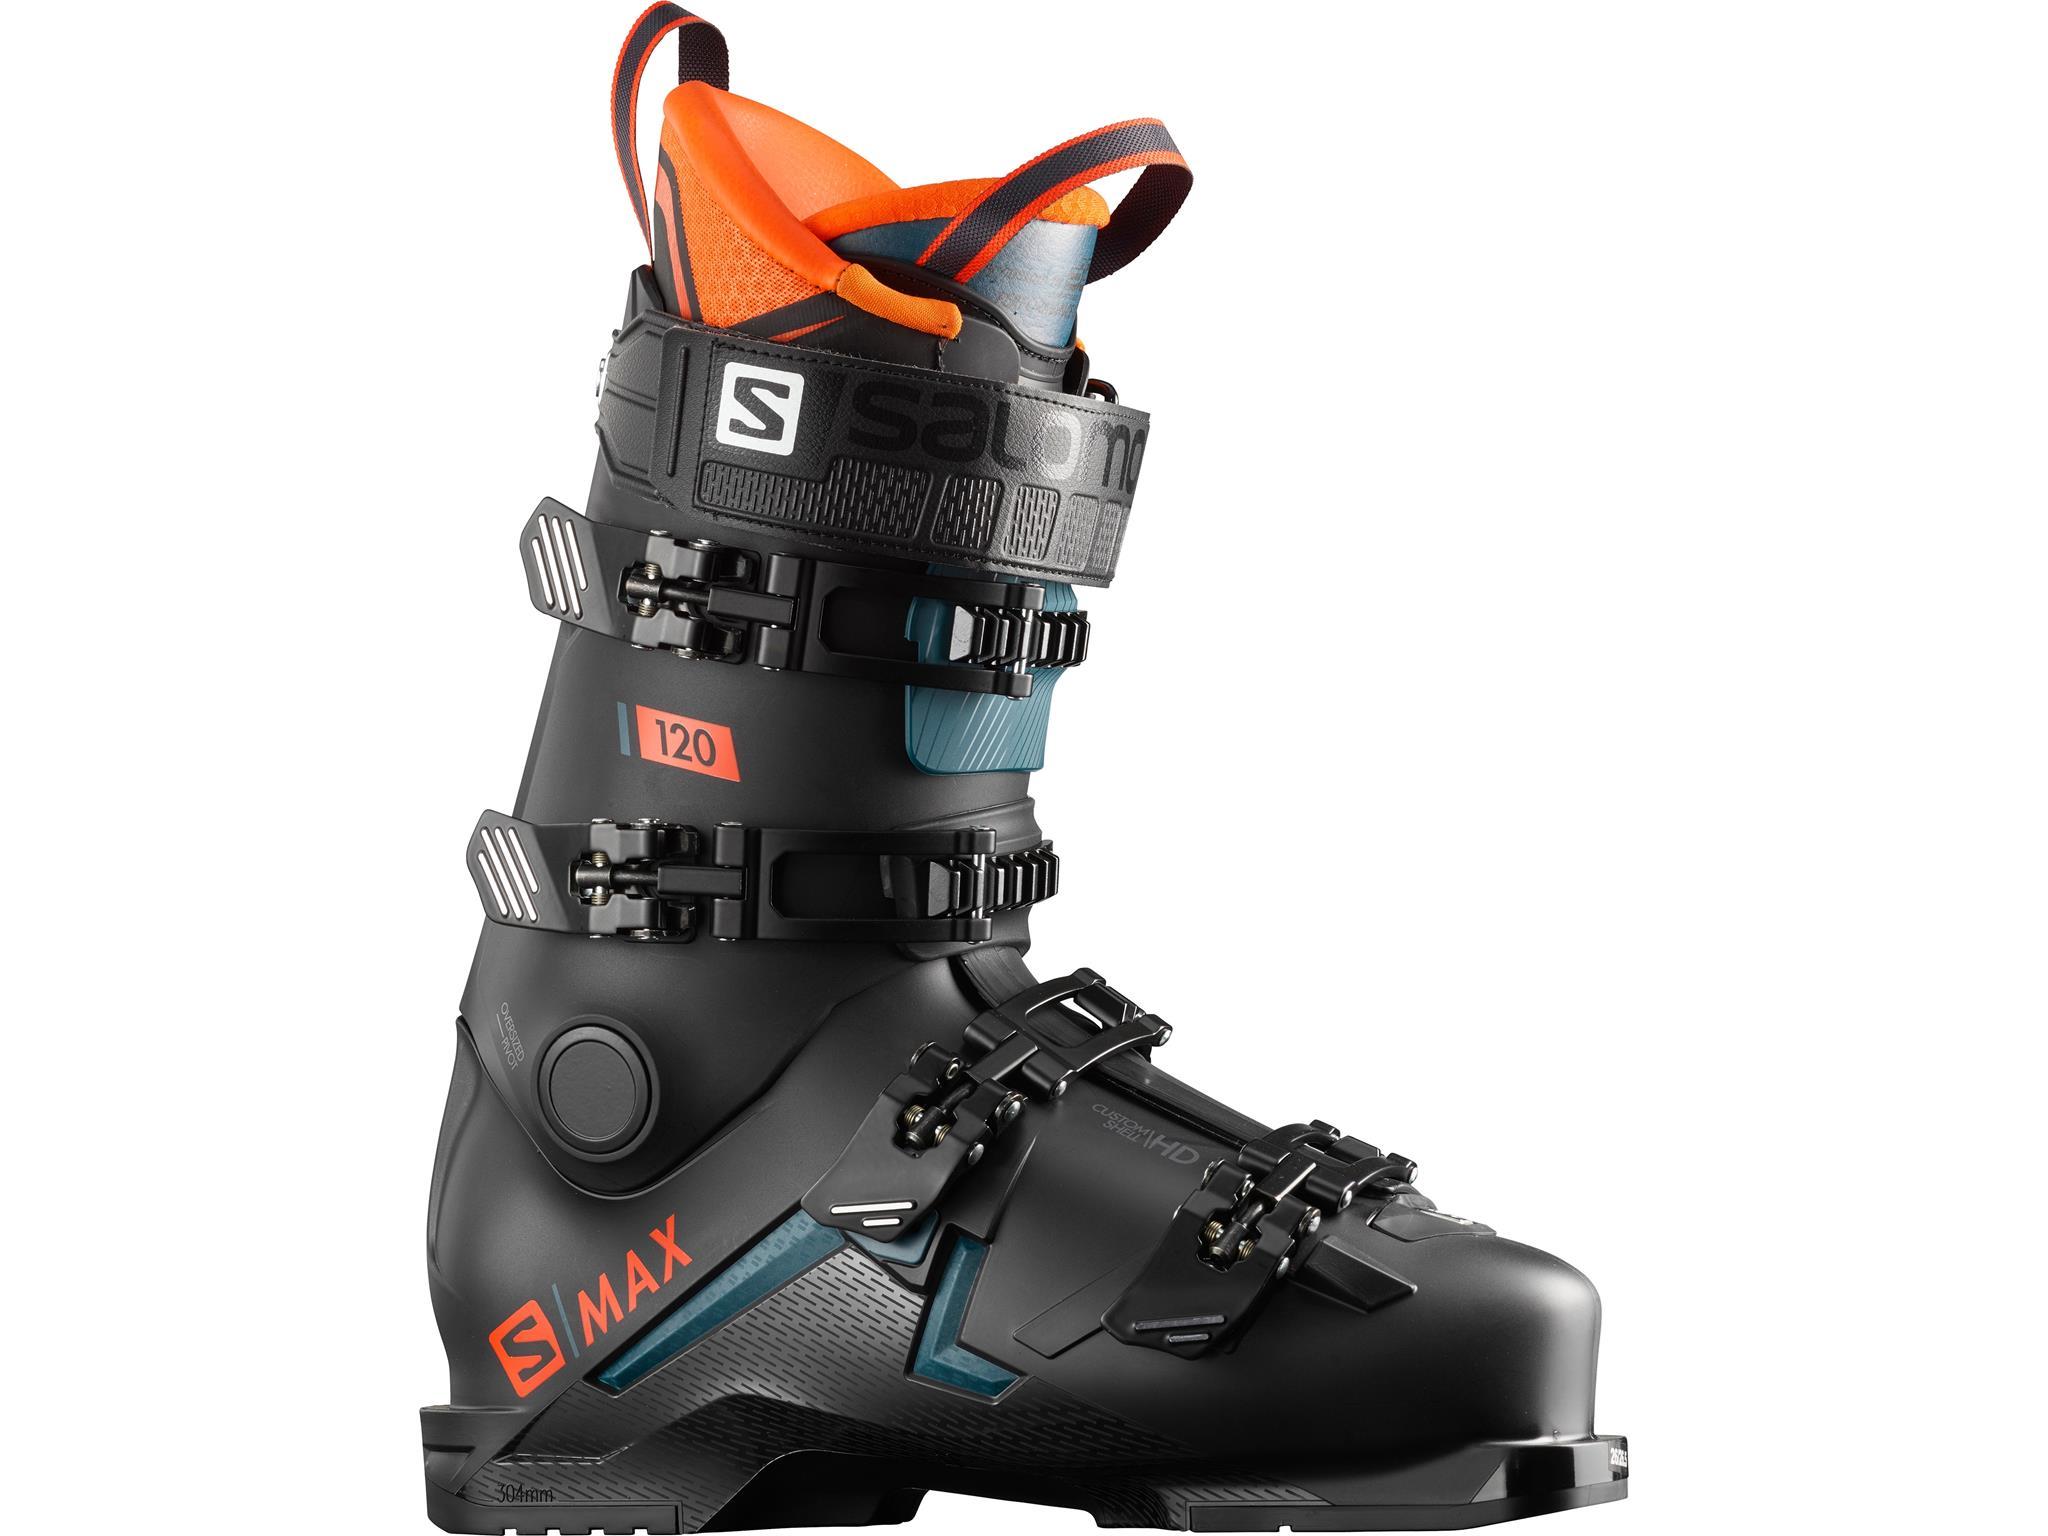 Buty narciarskie Salomon SMAX 120